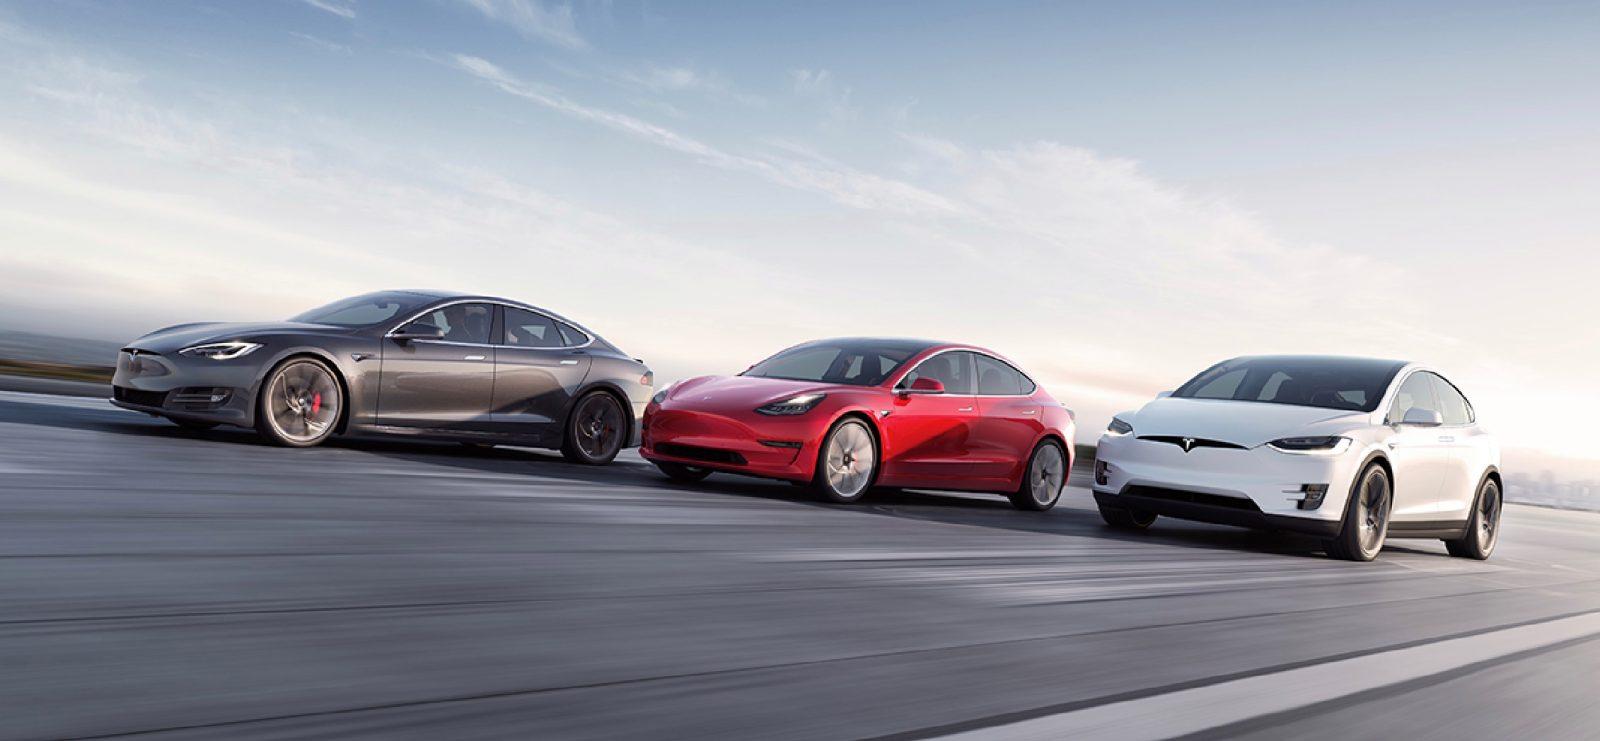 Ambientalisti contro la Gigafactory Tesla in Germania